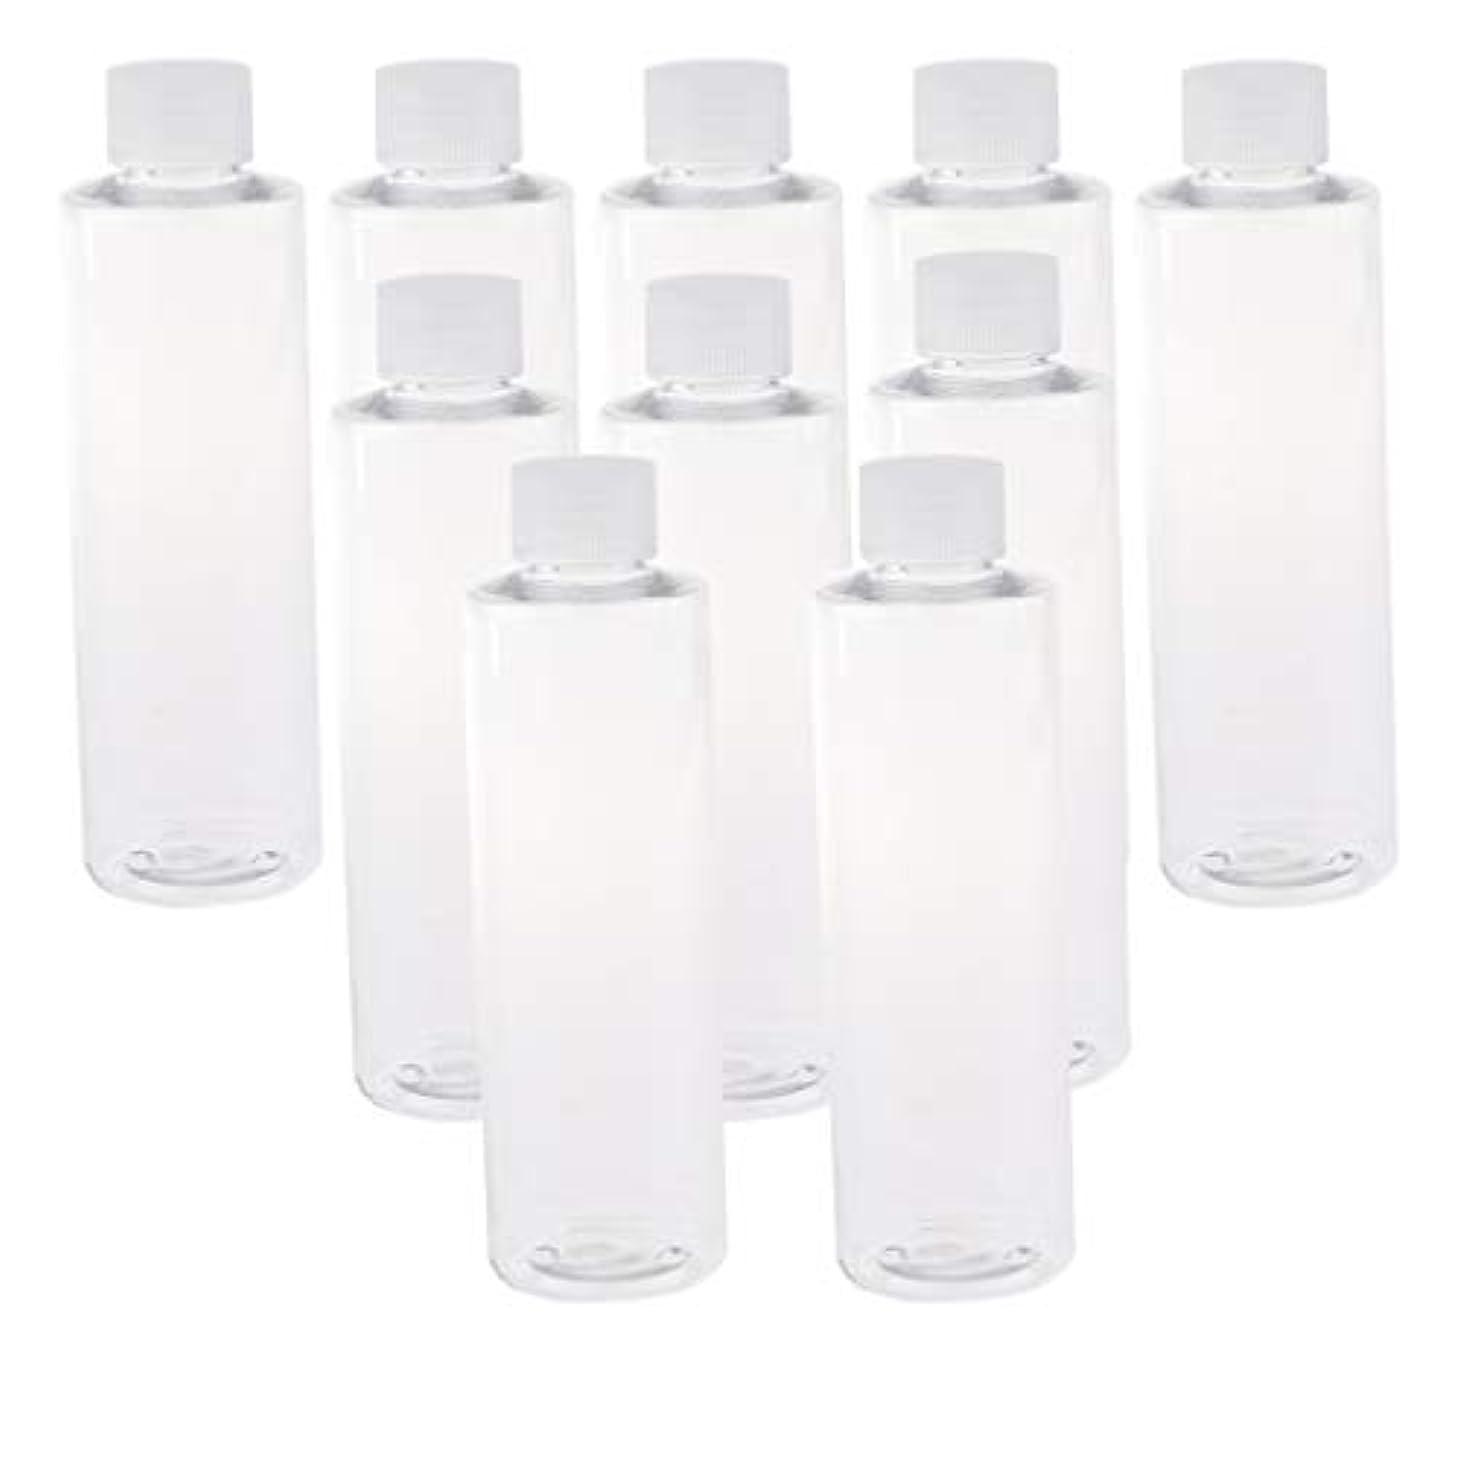 不規則性チェス童謡200ml透明プラスチックジュースPET容器ボトル、カラースクリューエビデントキャップ付き(多様なカラーキャップ、10個) - クリアキャップ